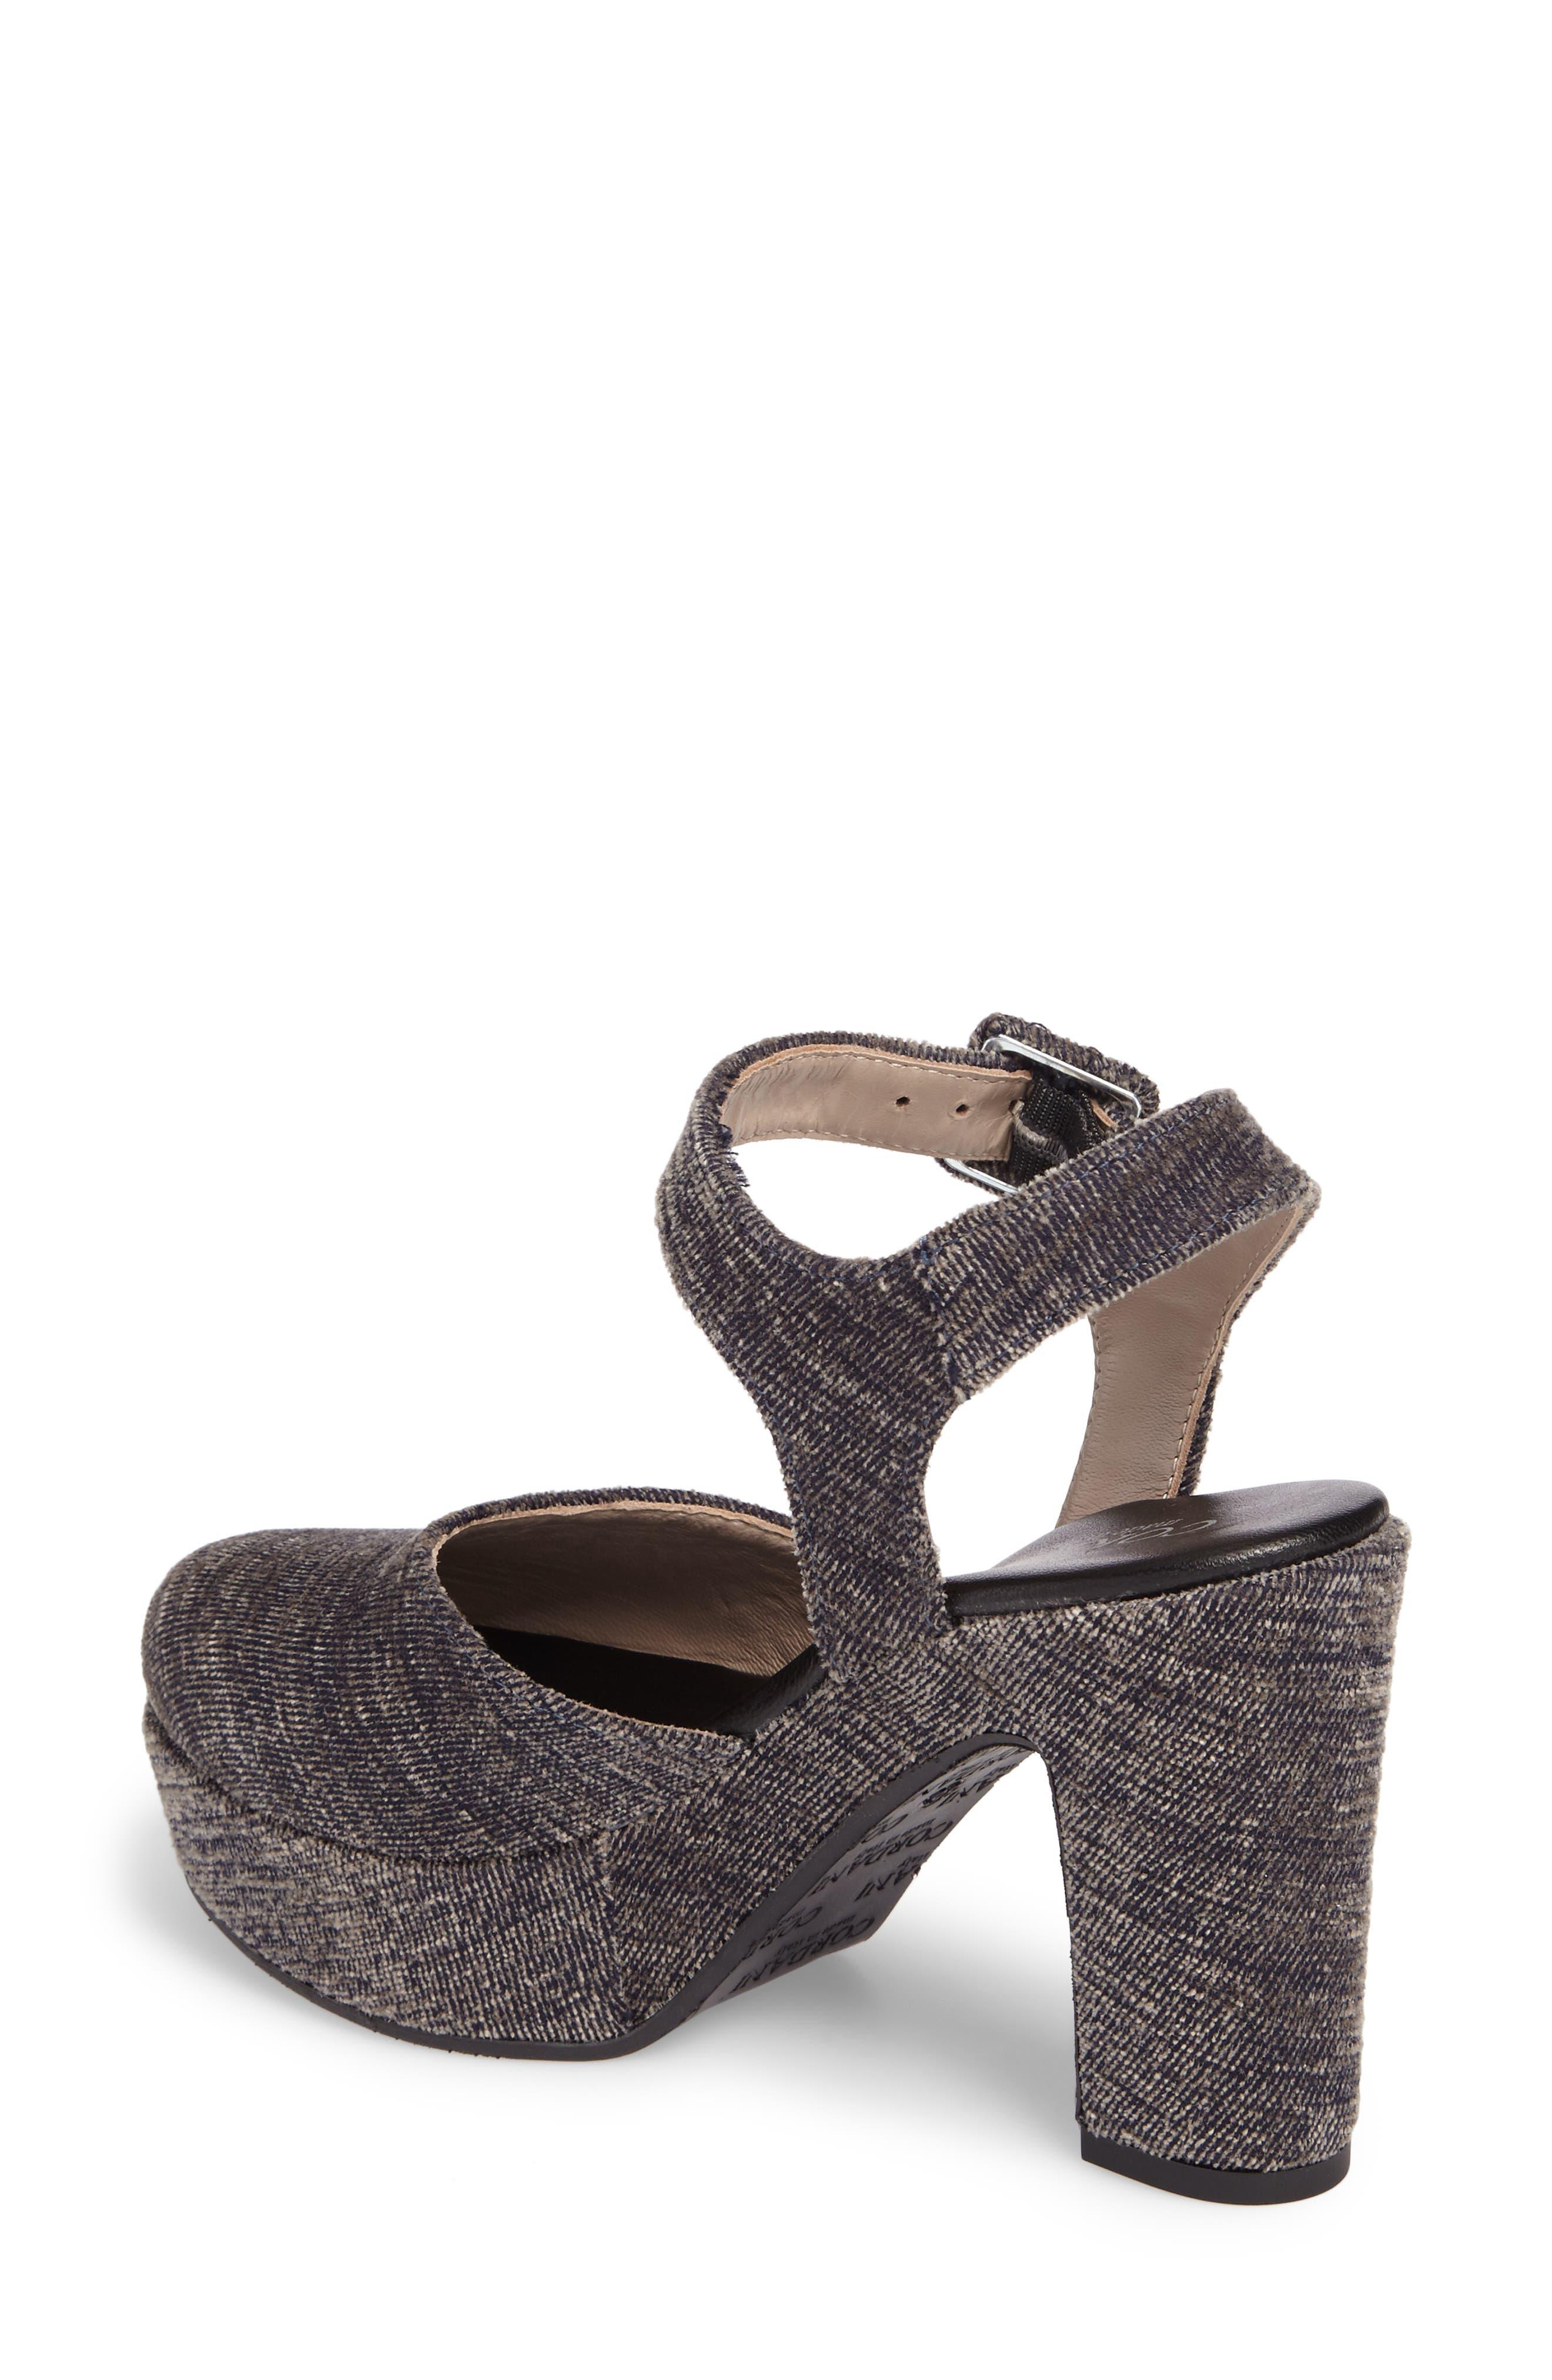 Torin Ankle Strap Platform Pump,                             Alternate thumbnail 2, color,                             Grey Crushed Velvet